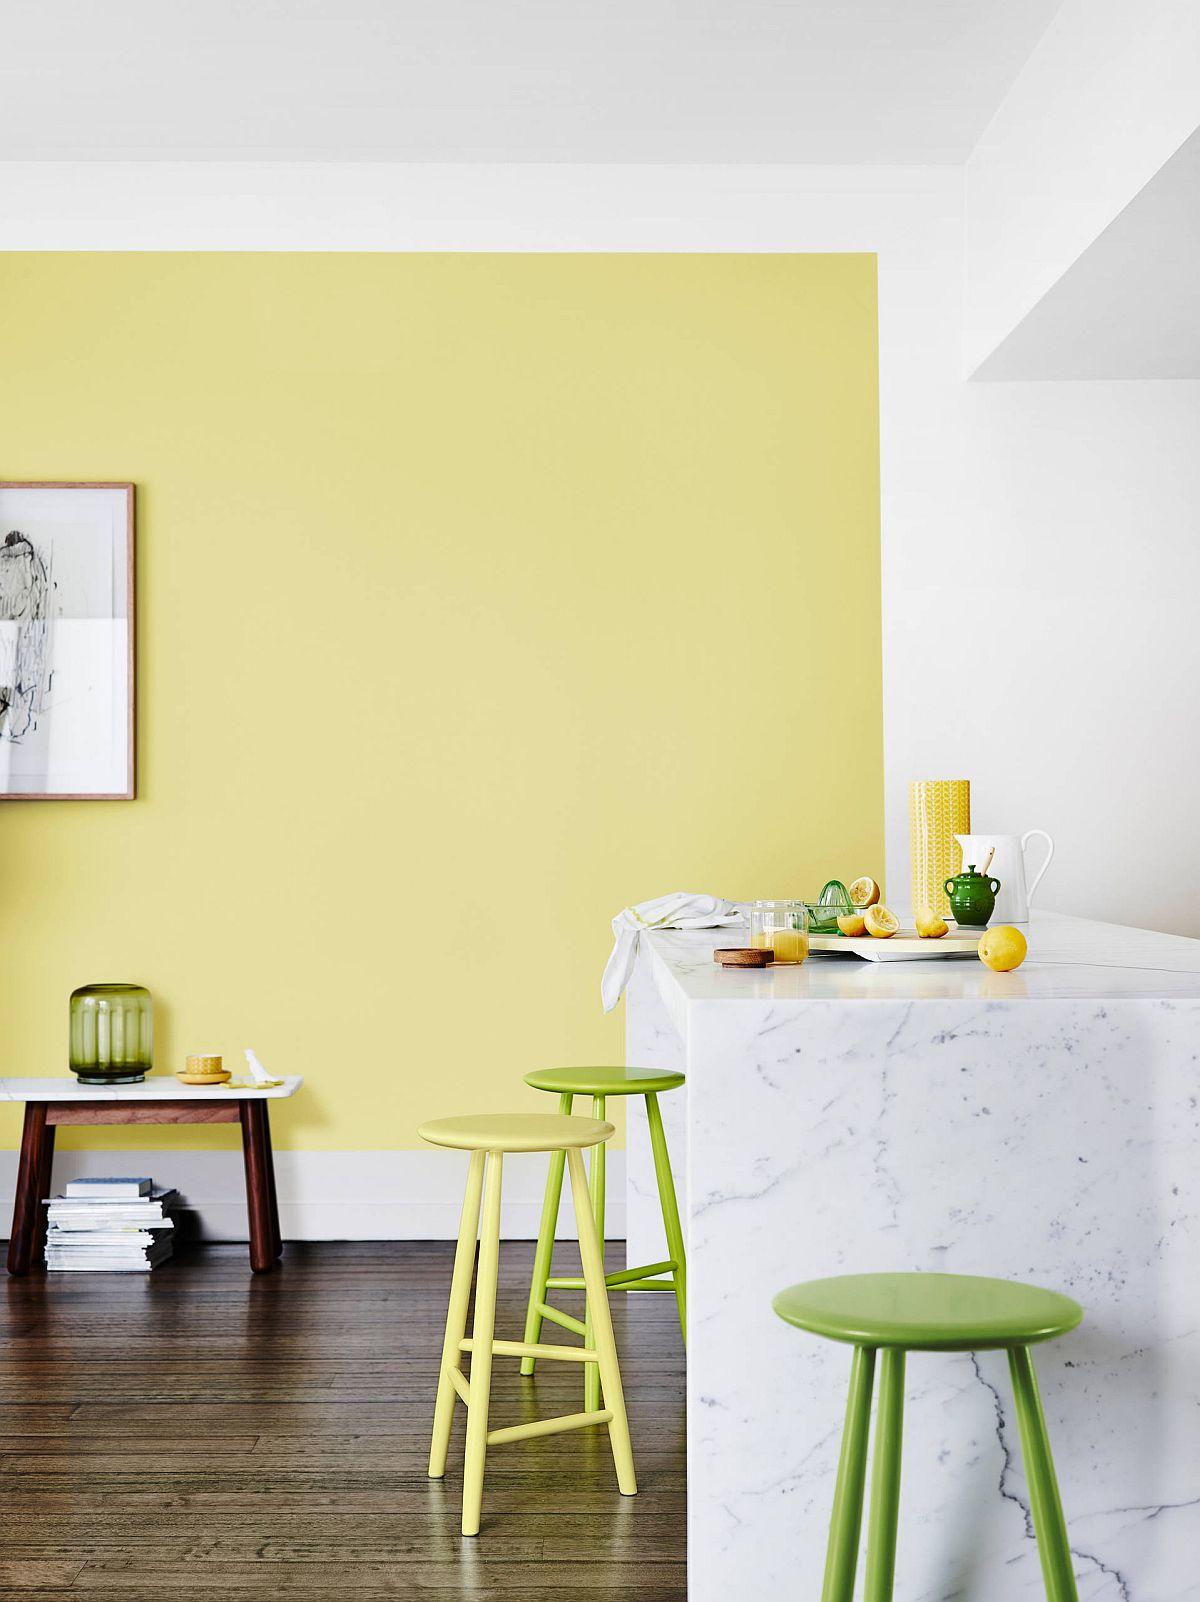 Hãy tạo nên sự kết hợp vàng - xanh của riêng bạn trong một phòng bếp hiện đại.